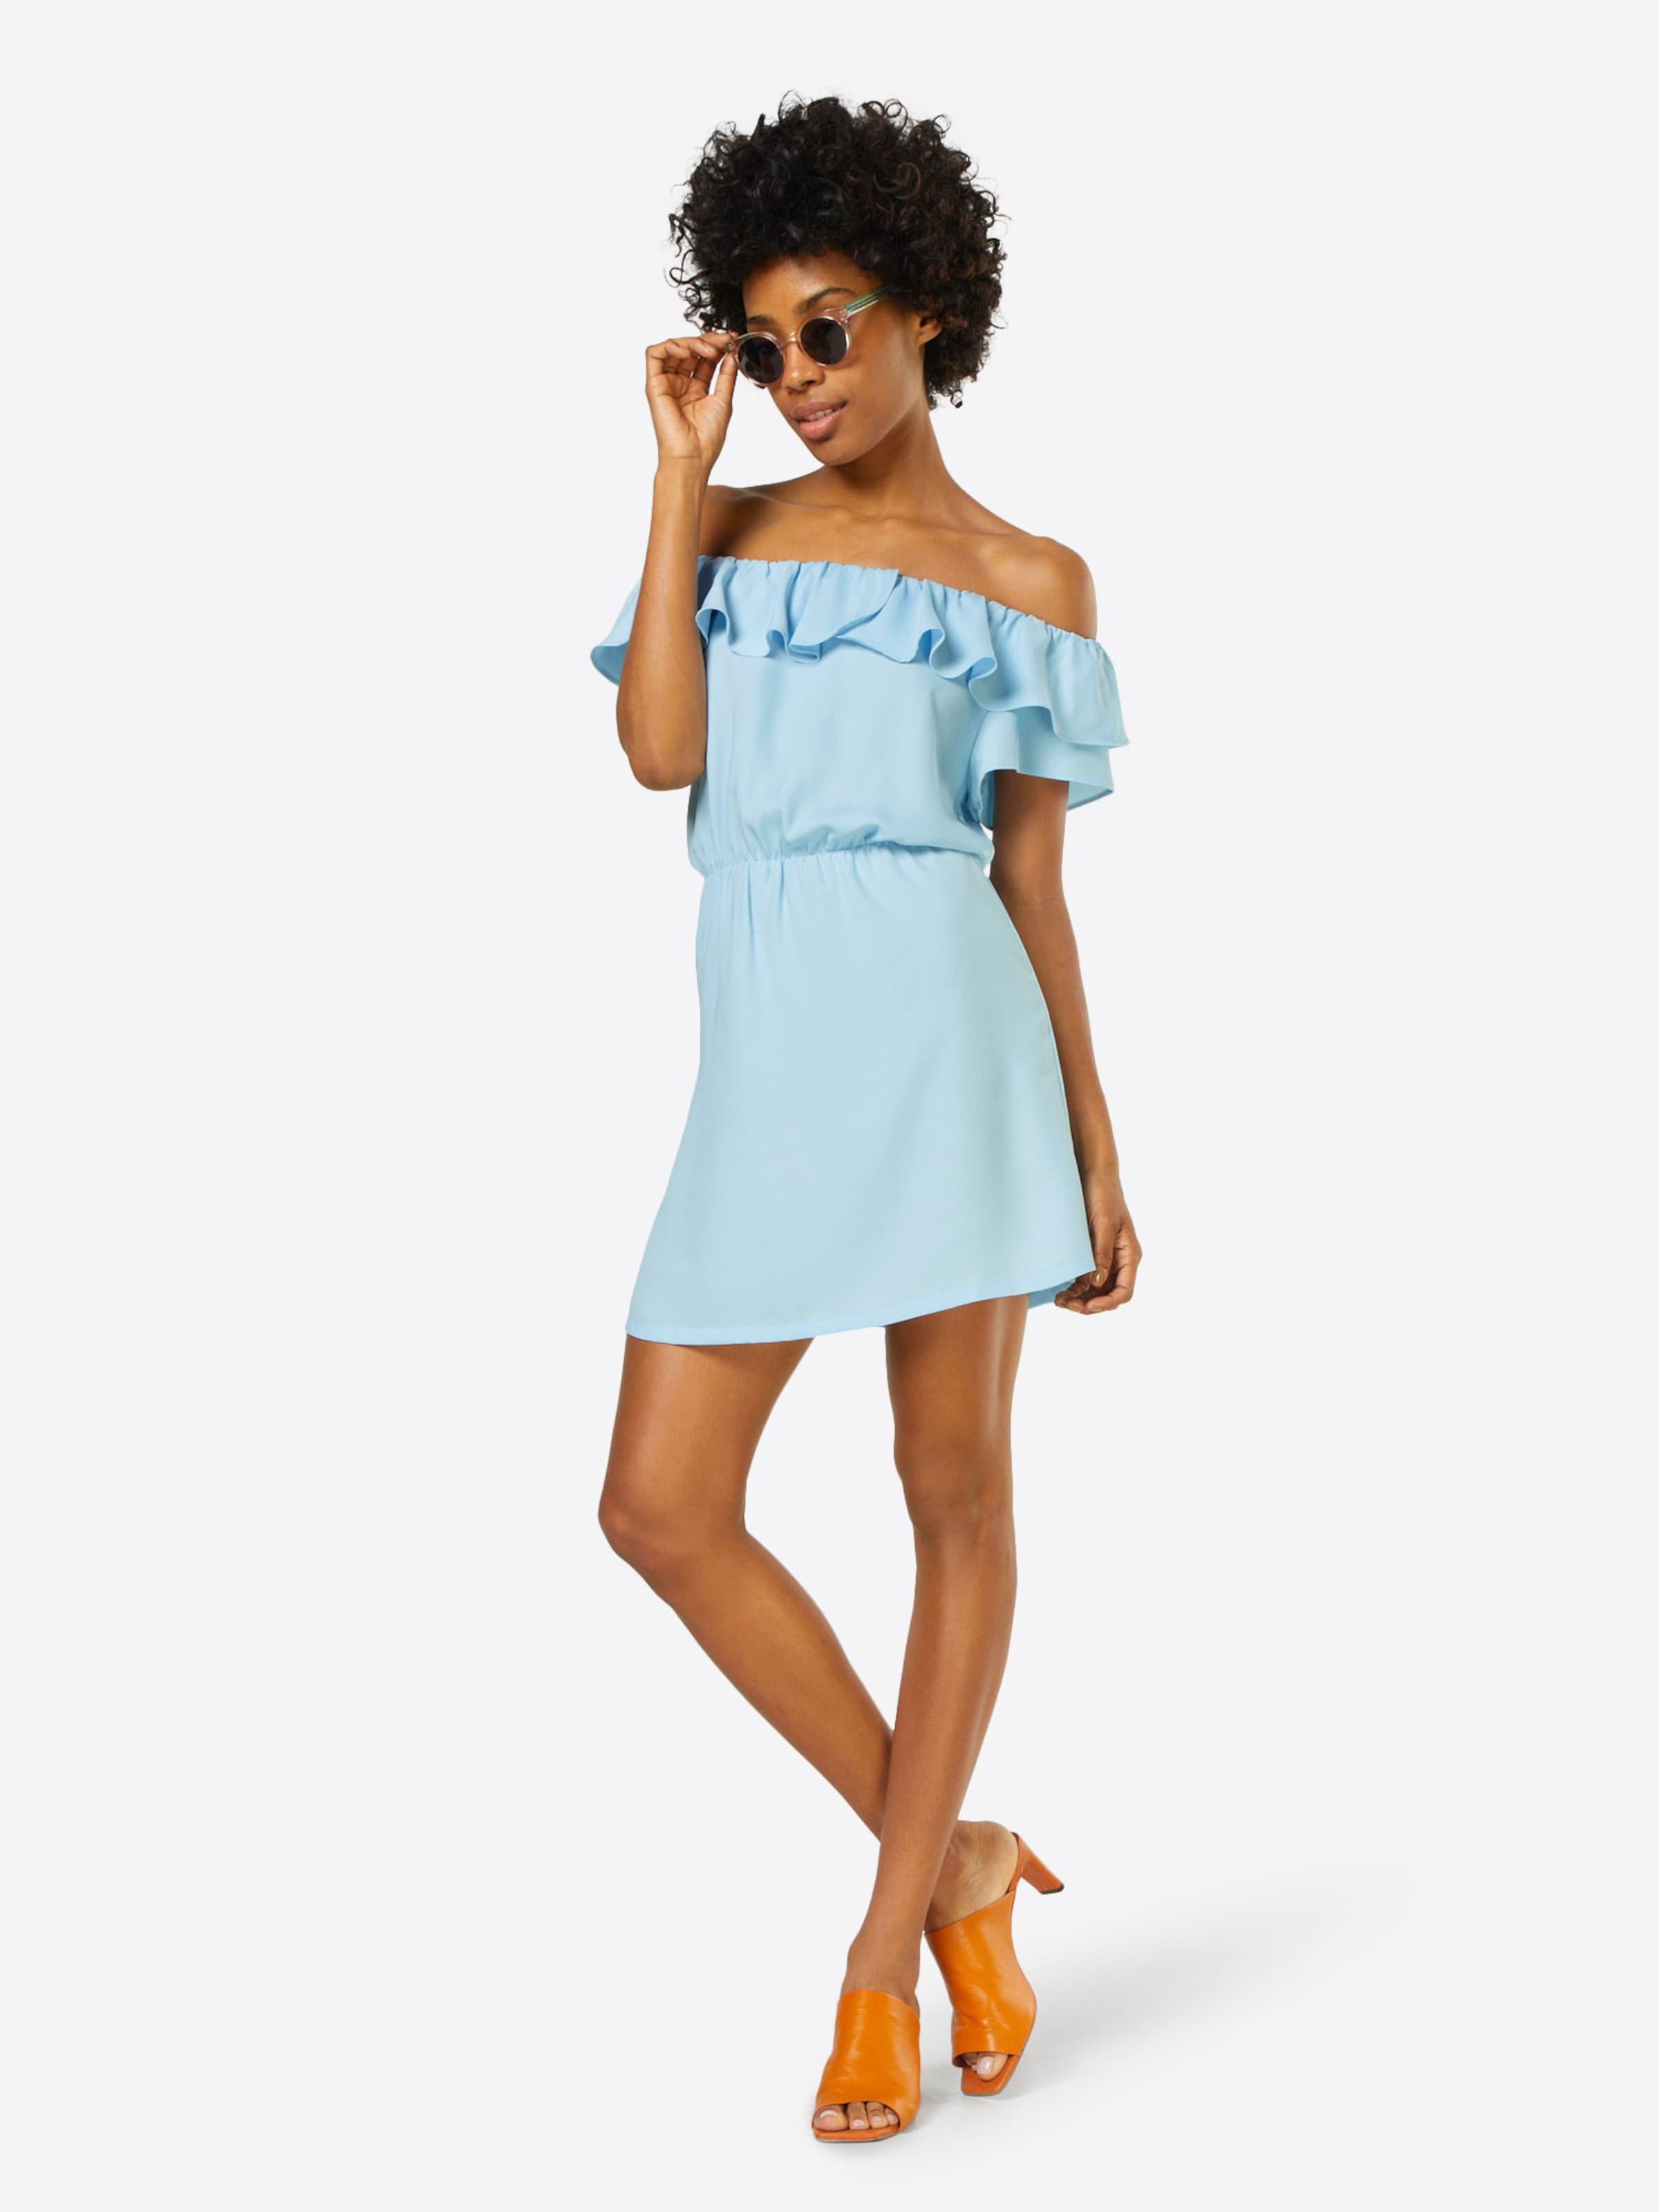 Kleid Ivyrevel Kleid Ivyrevel Rauchblau Kleid In 'duscle' 'duscle' 'duscle' Ivyrevel Rauchblau In In m8wNnv0